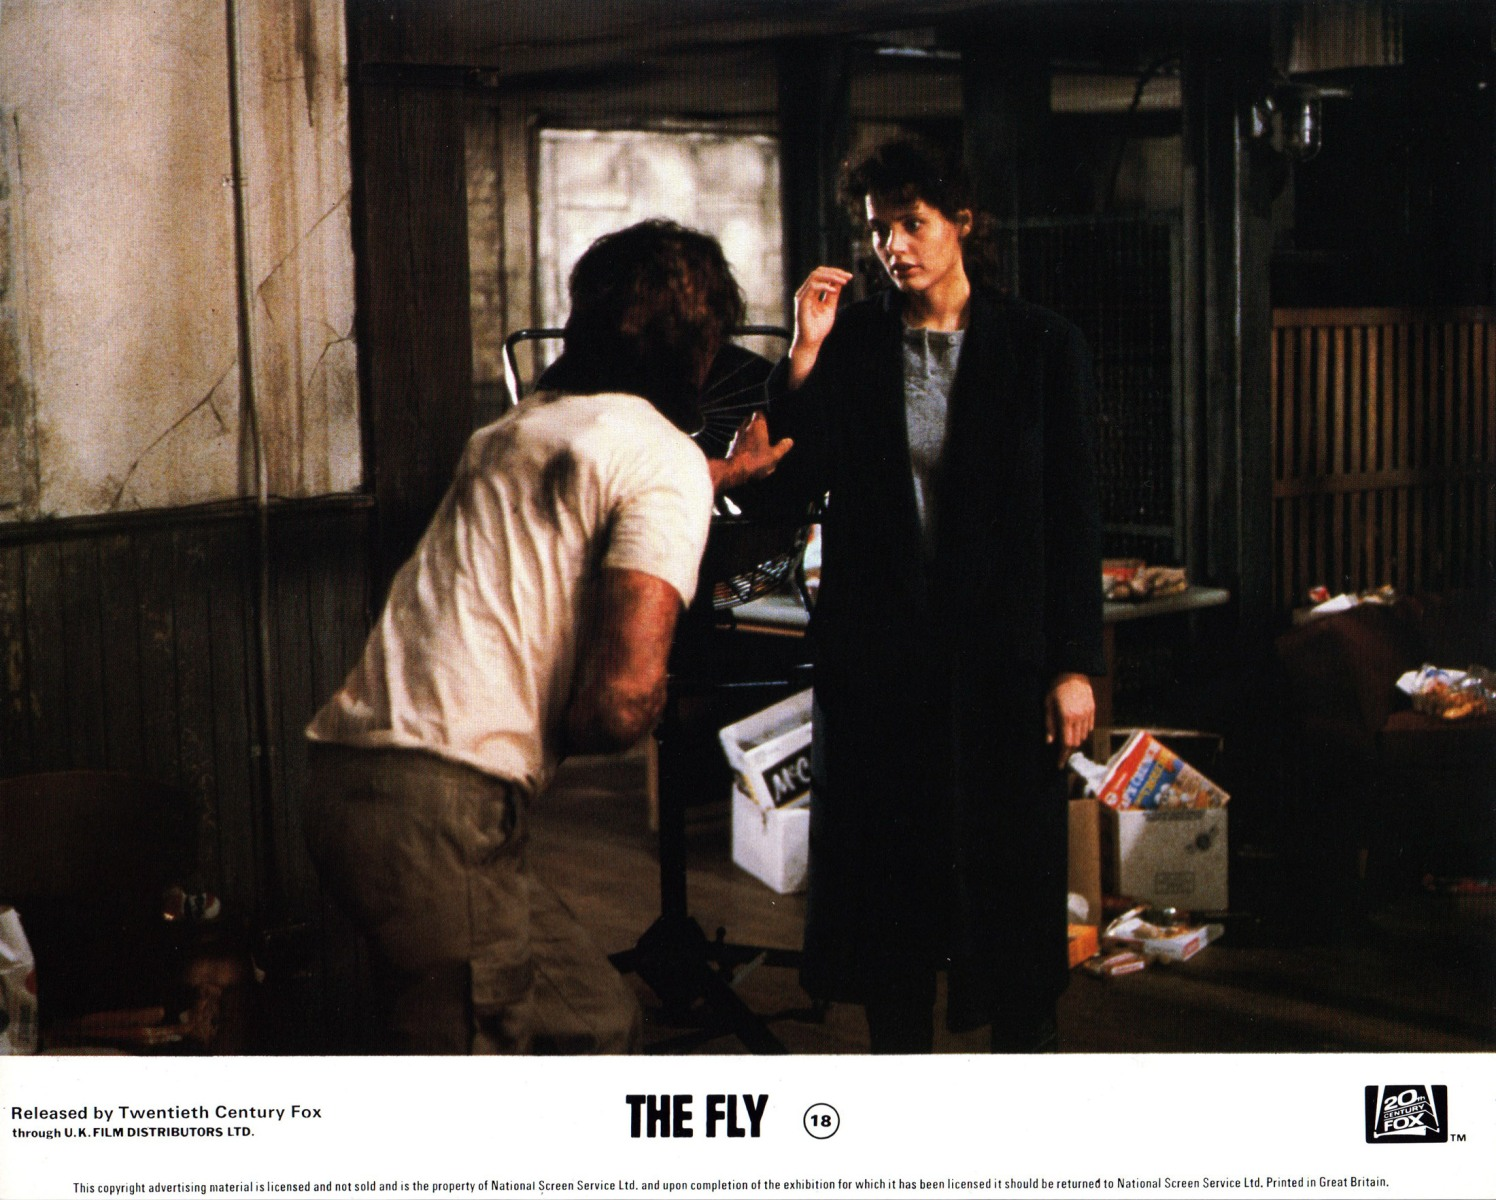 thefly_uk-8